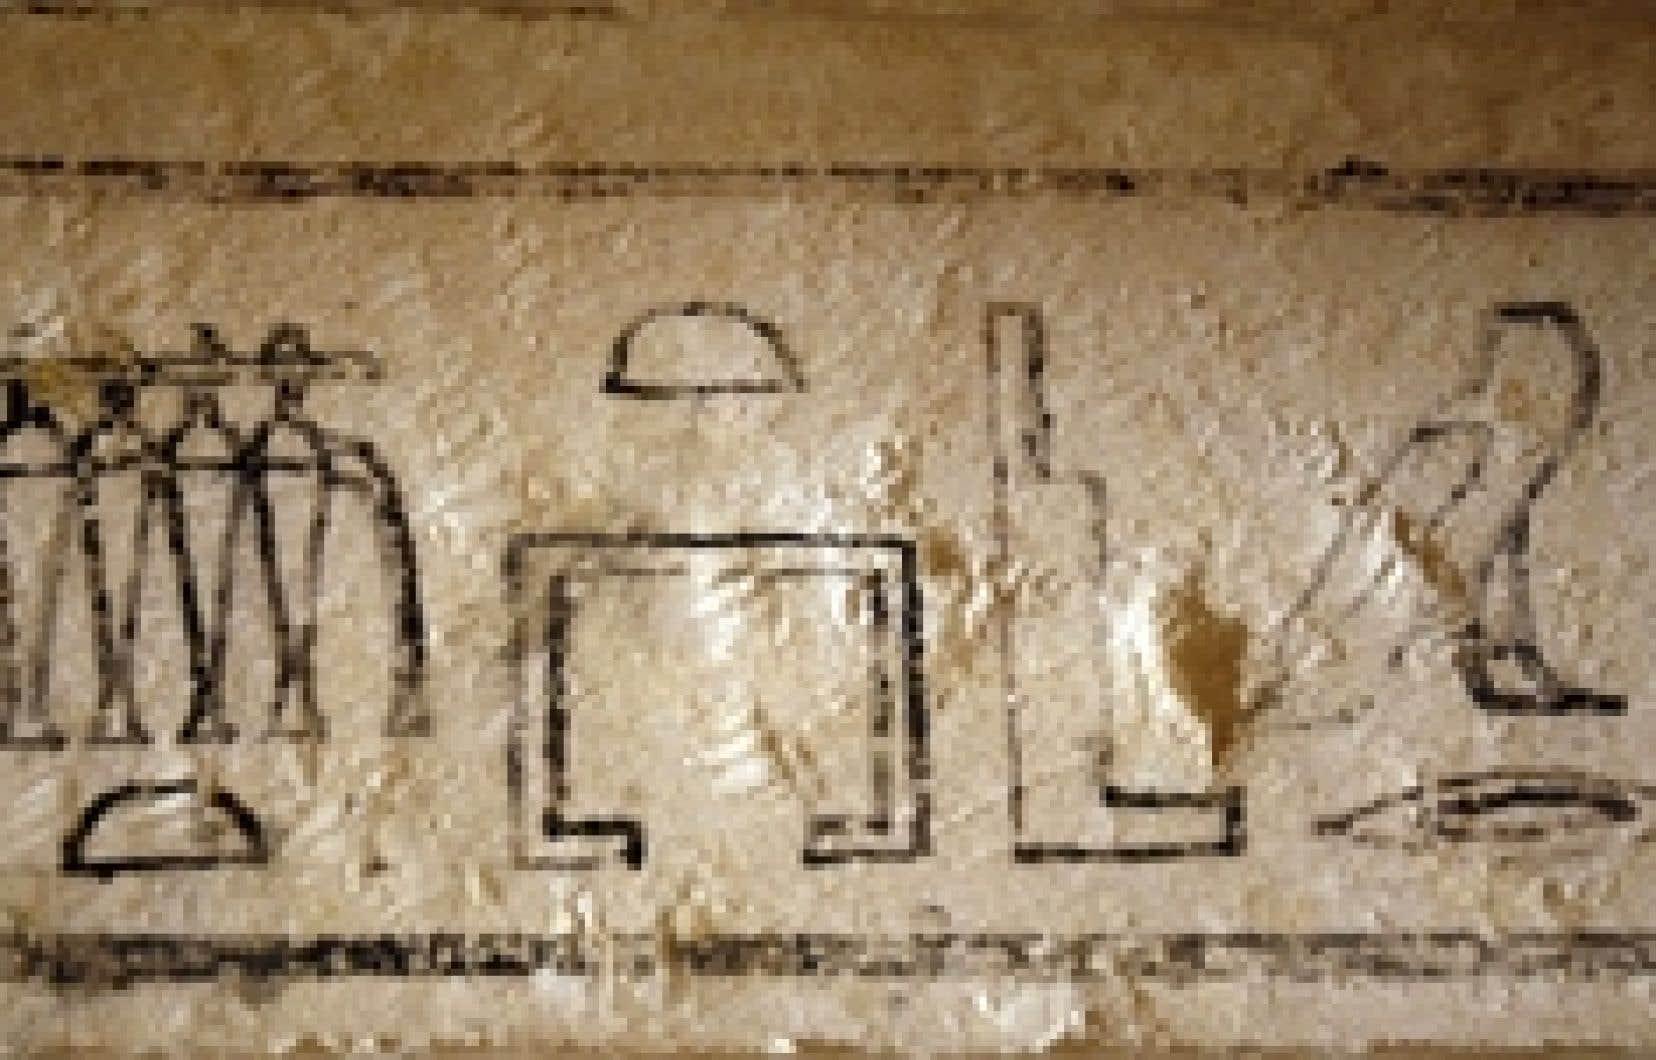 Une des tombes fait à peu près 1 mètre de large et 2,75 mètres de long, et une description de l'homme pour lequel elle a été construite, Yaamat, figure au-dessus de l'entrée.